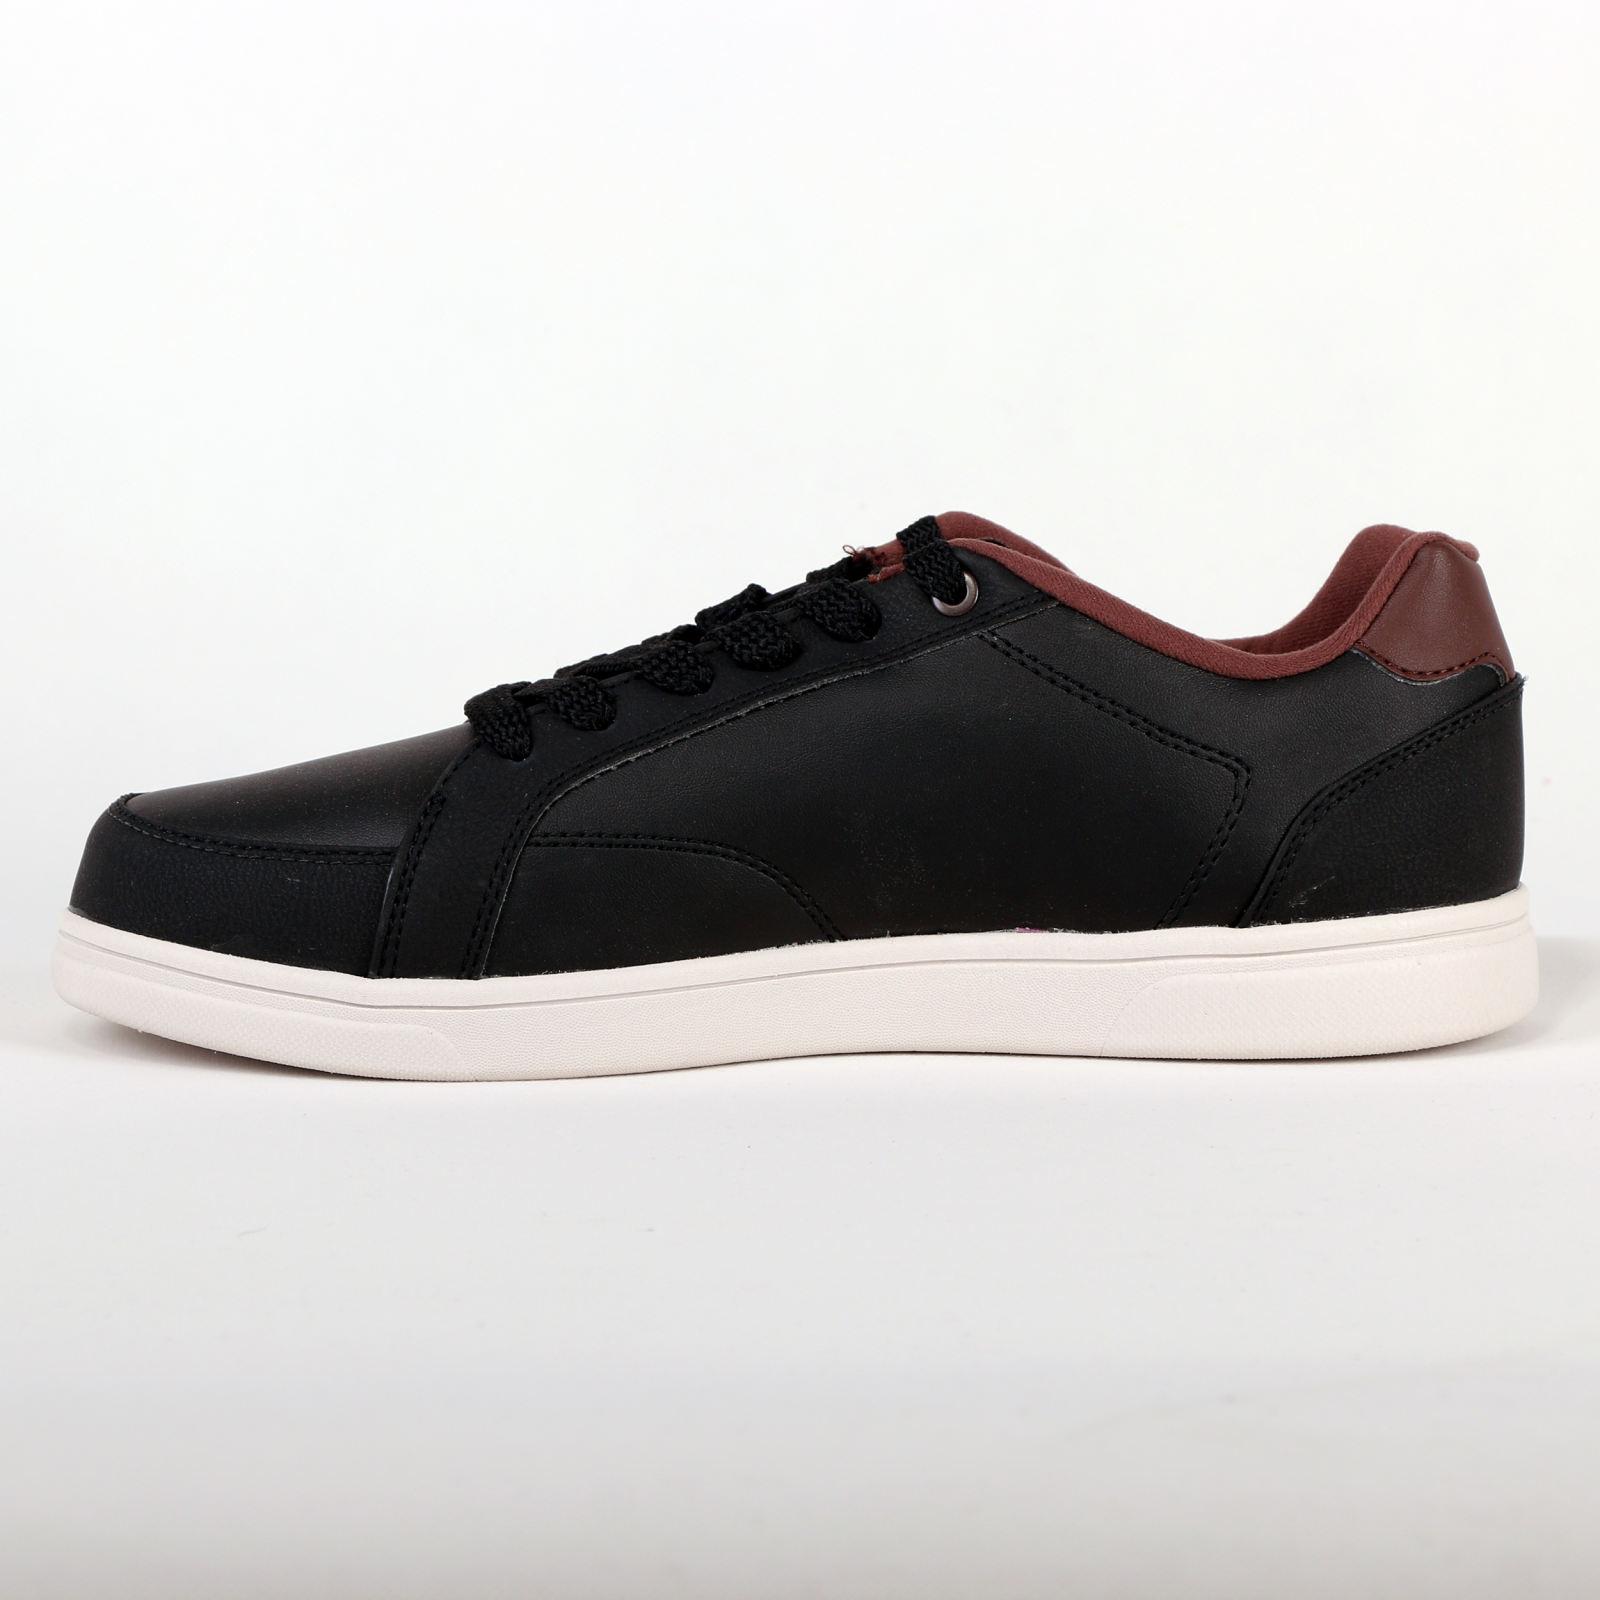 کفش راحتی مردانه 361 درجه مدل 571446631 رنگ قهوه ای تیره -  - 5